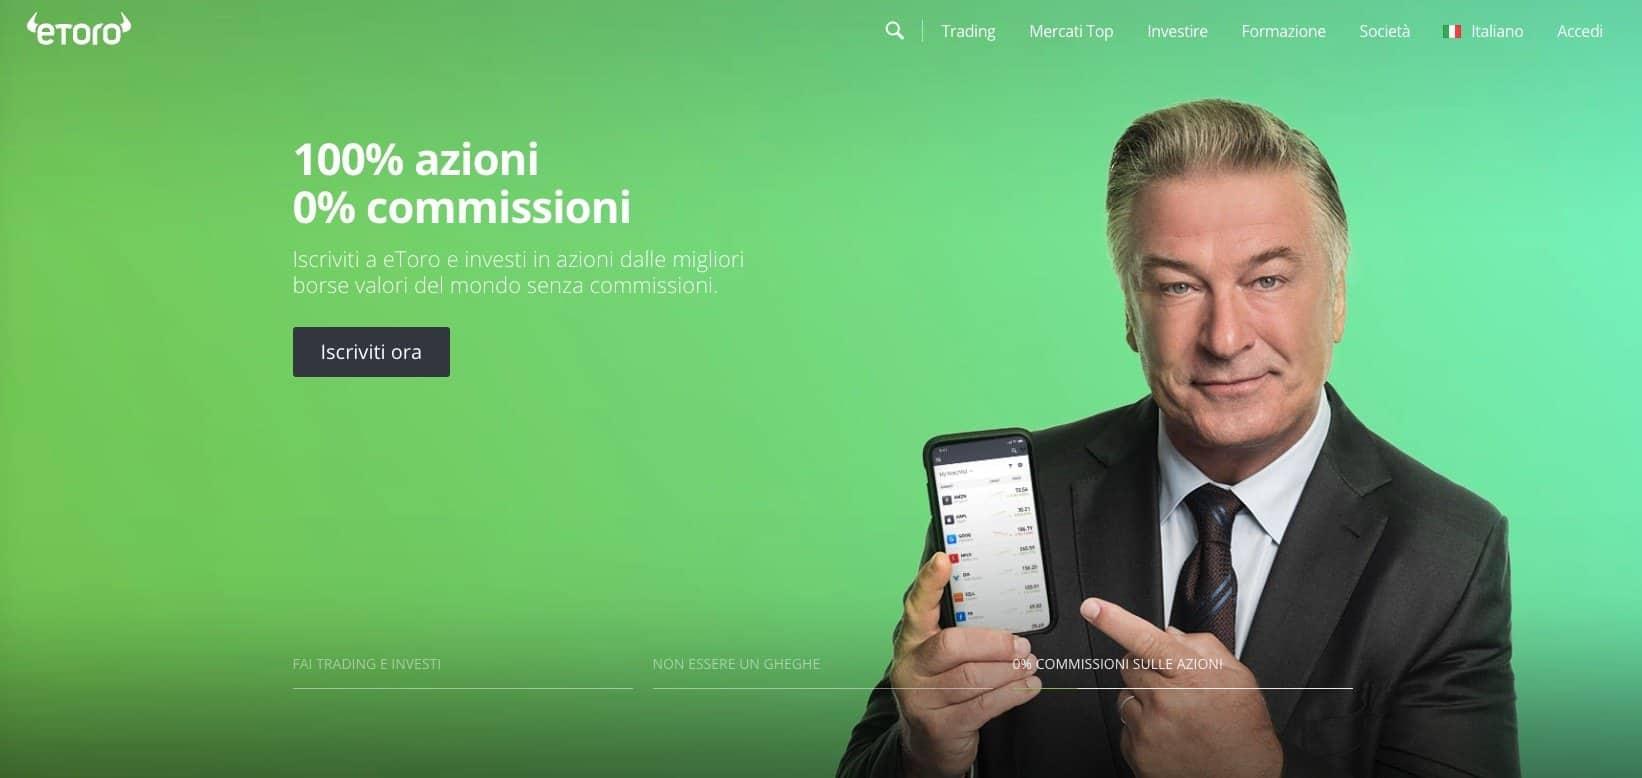 eToro com Homepage